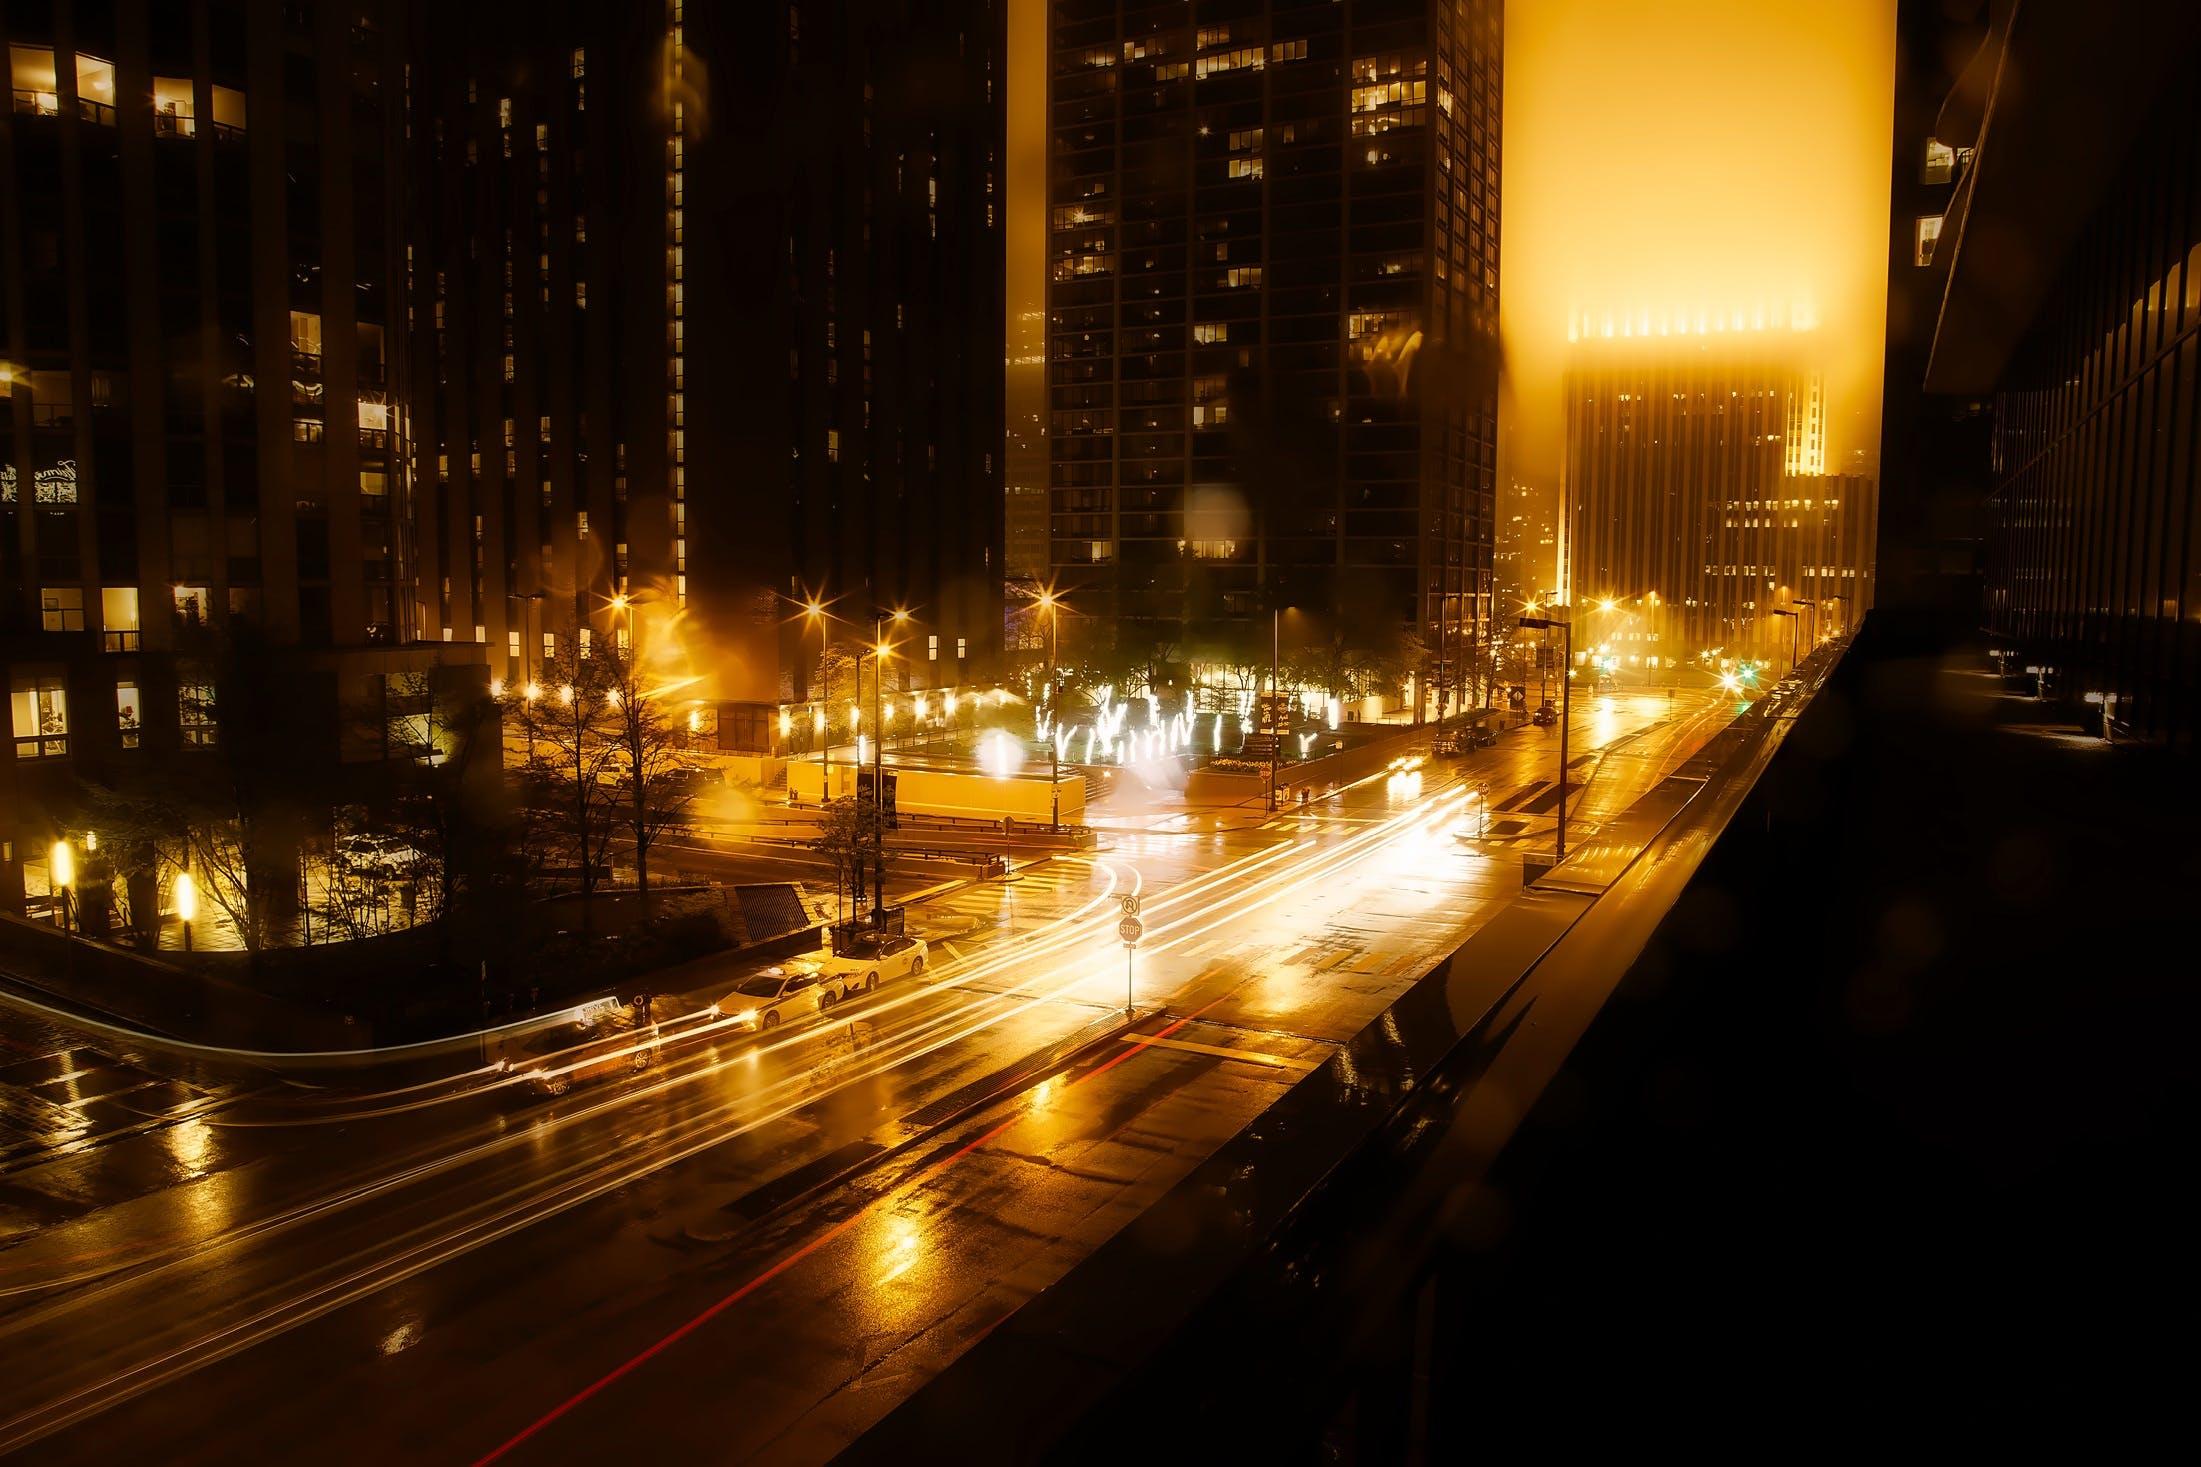 Kostenloses Stock Foto zu abend, architektur, auto, beleuchtet